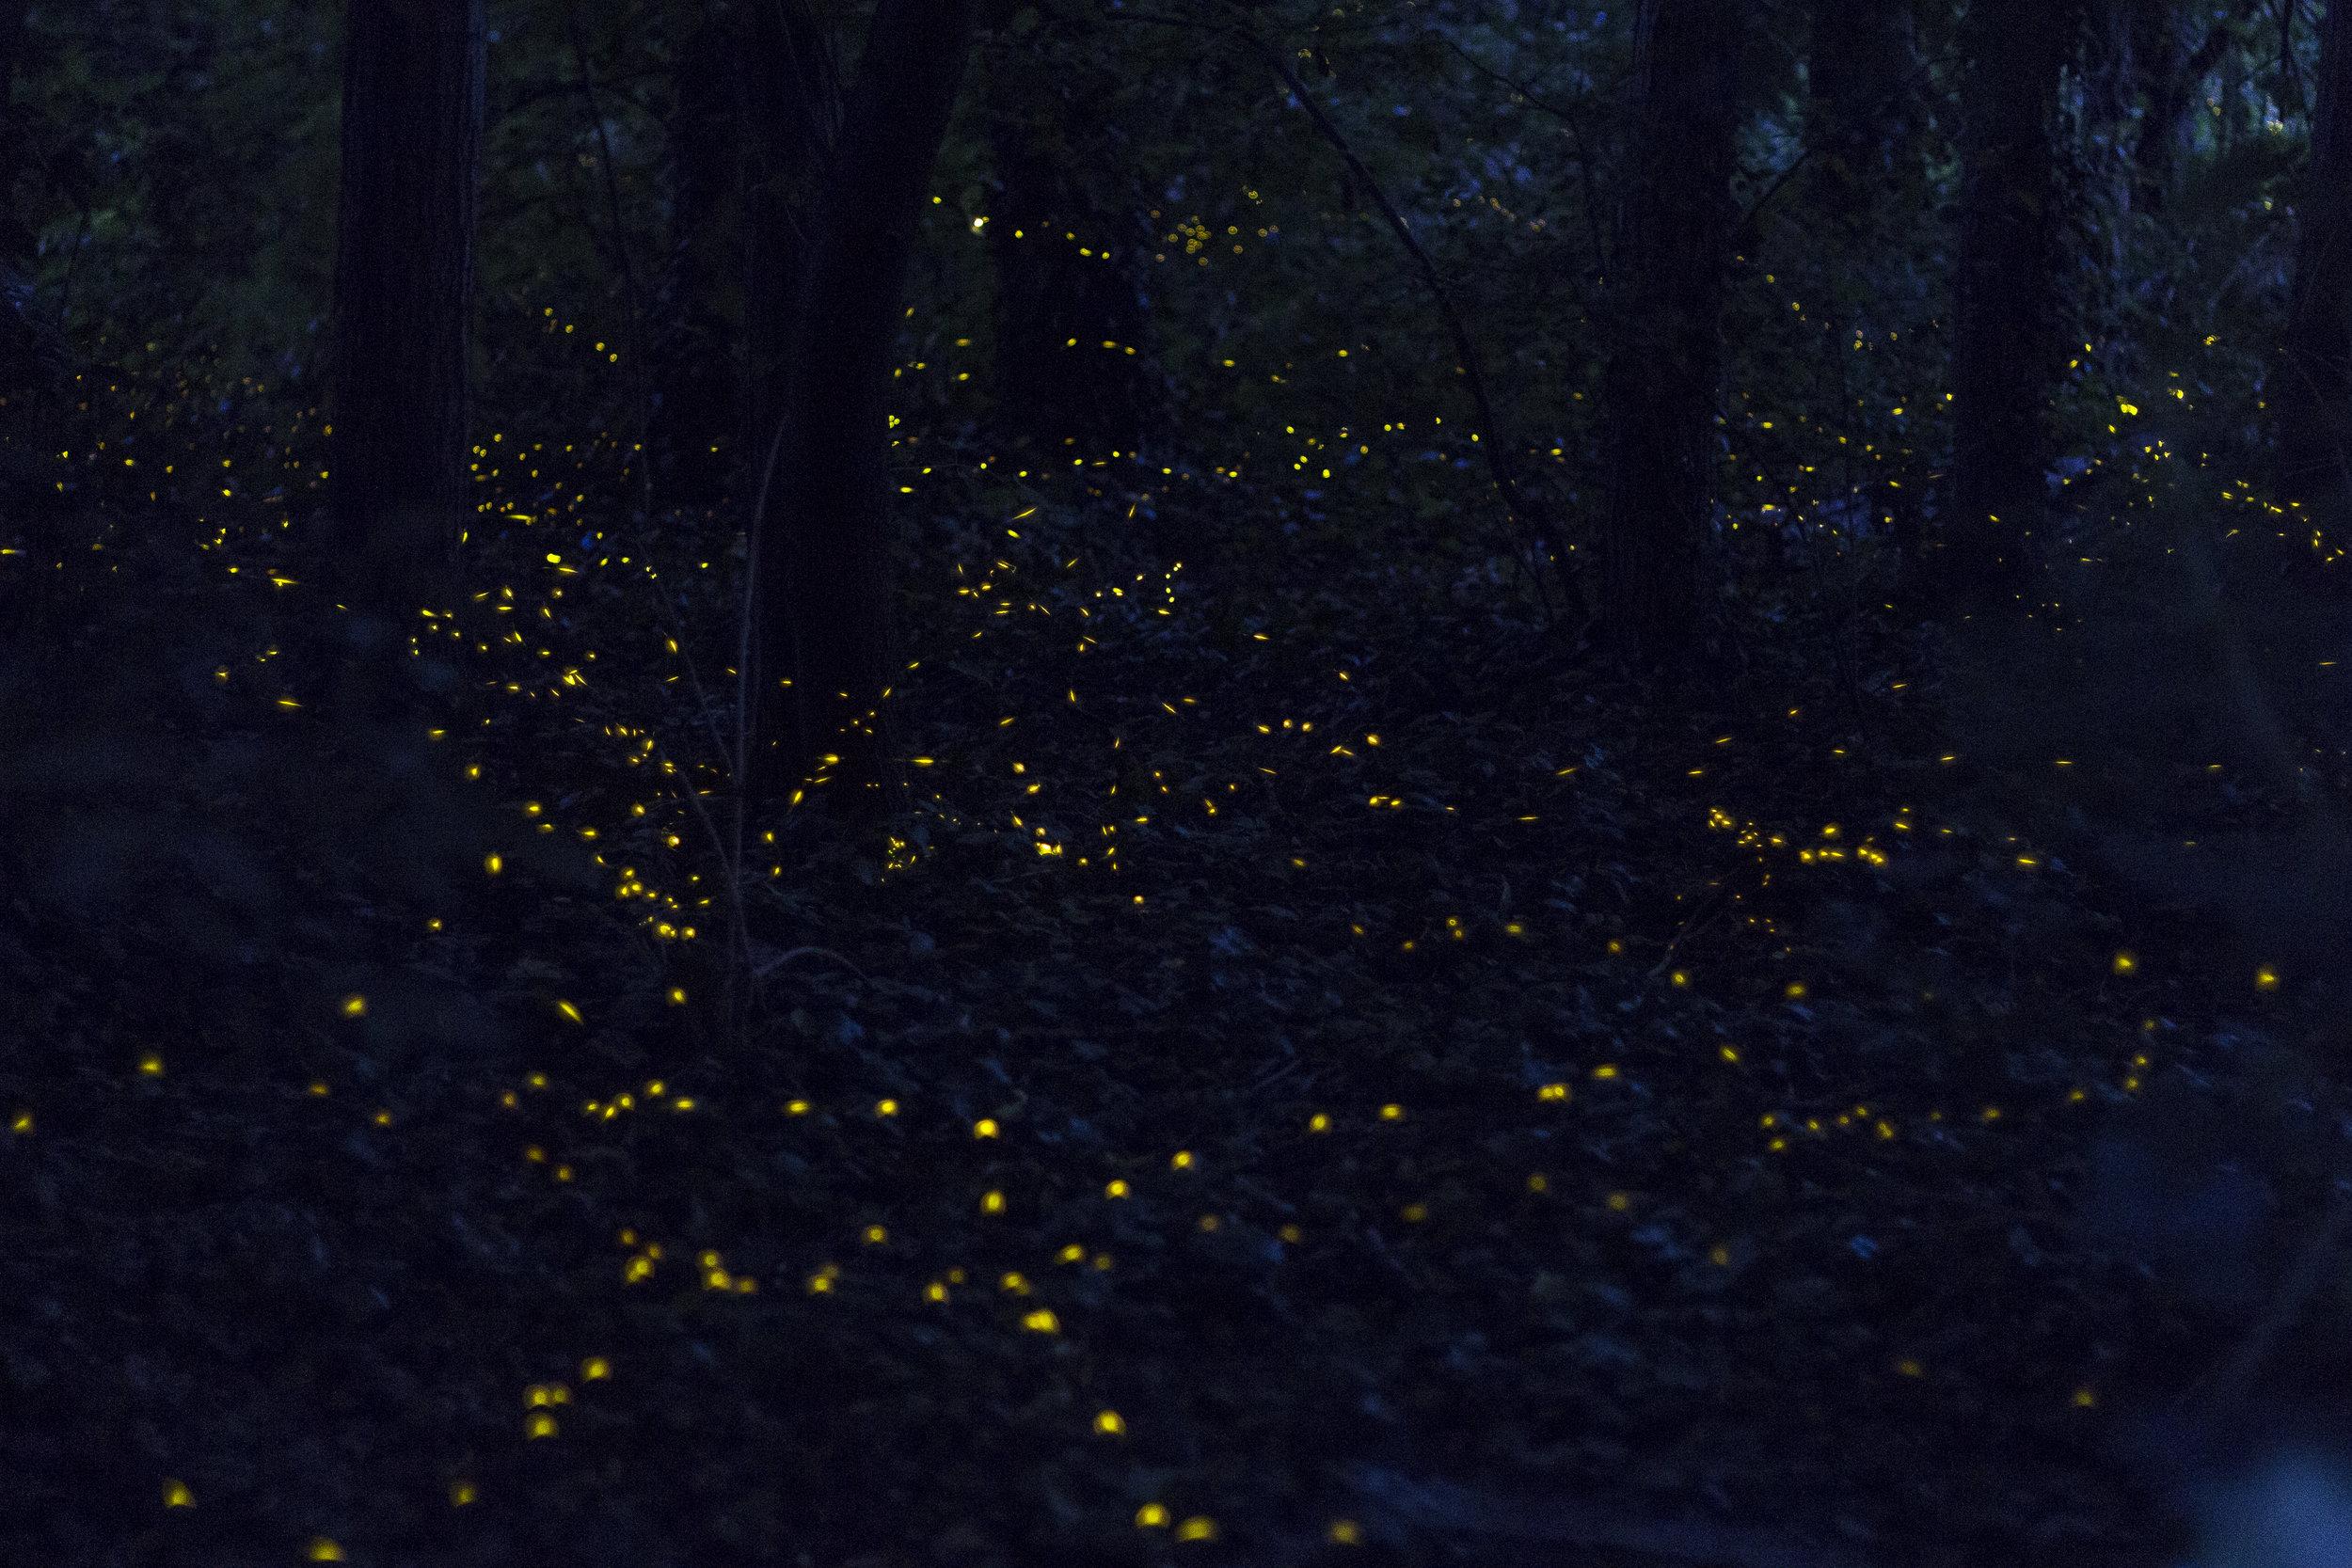 fotografare lucciole estate fotografia notturna